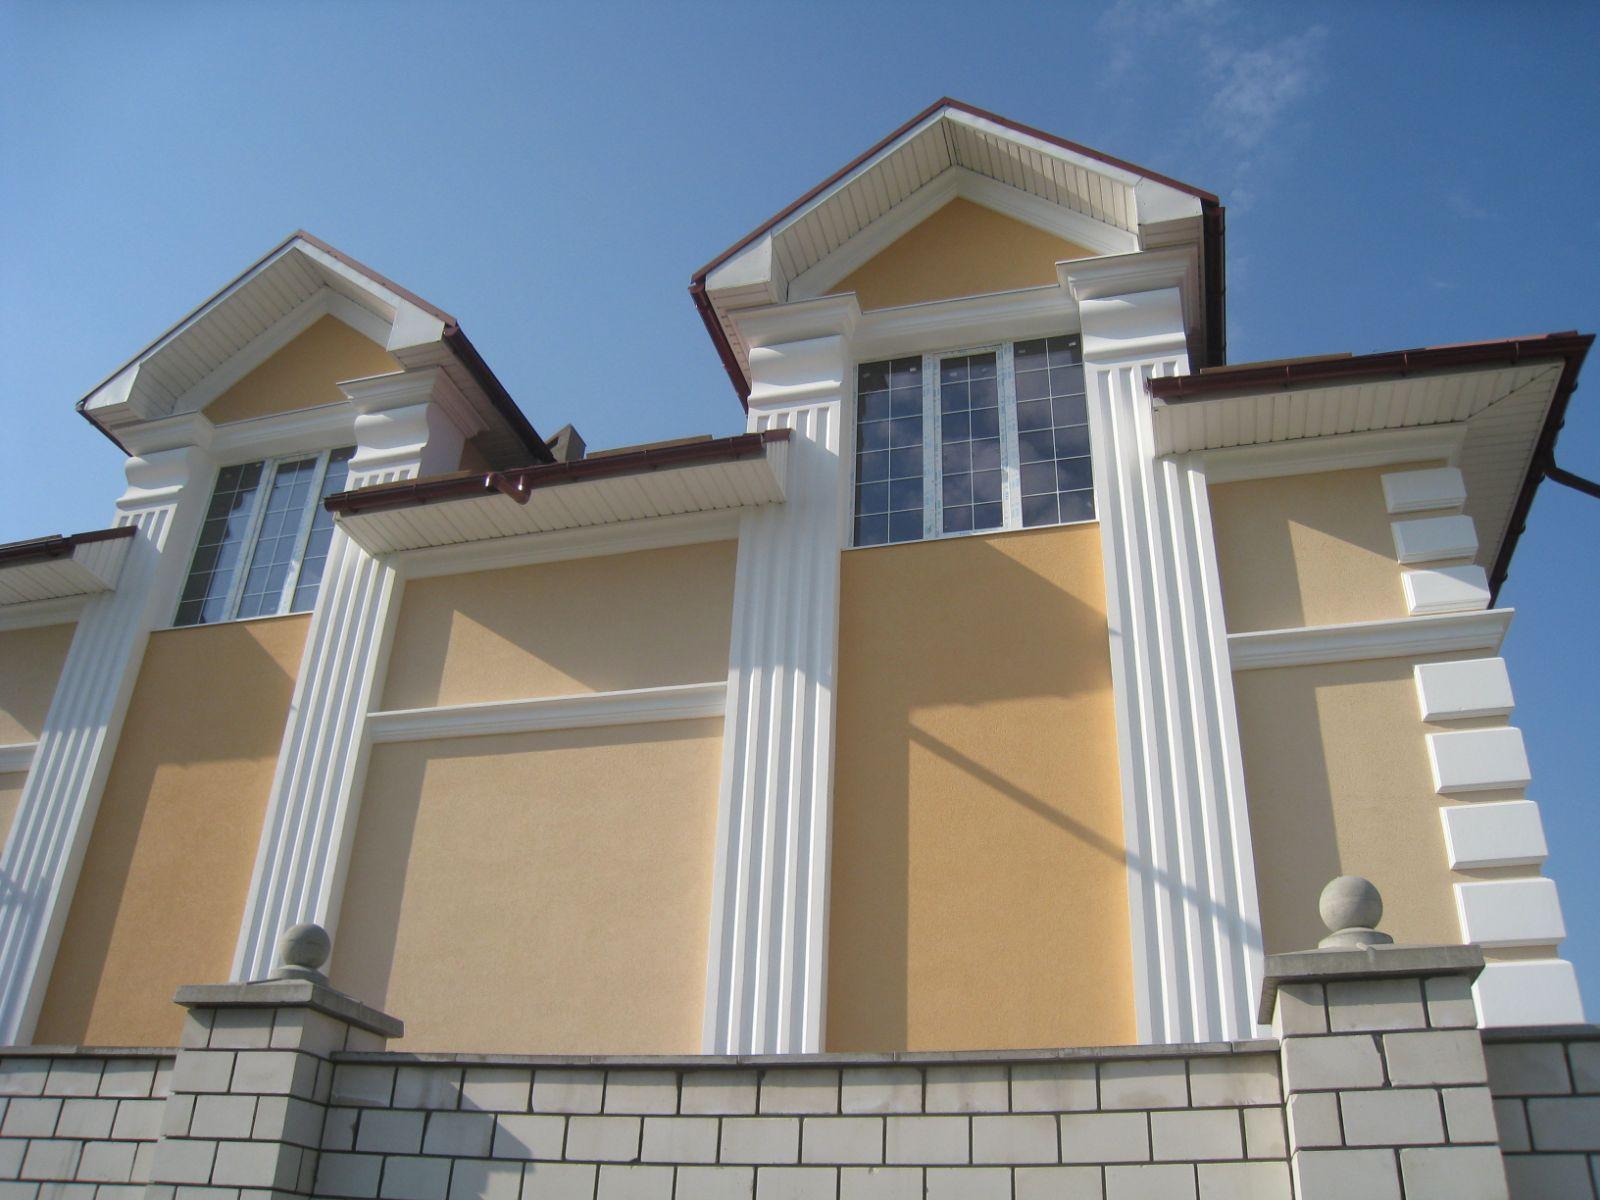 2020 фото внешний вид утпеления дома 2 этажа - фото утепление фасада пенопласт кременчуг